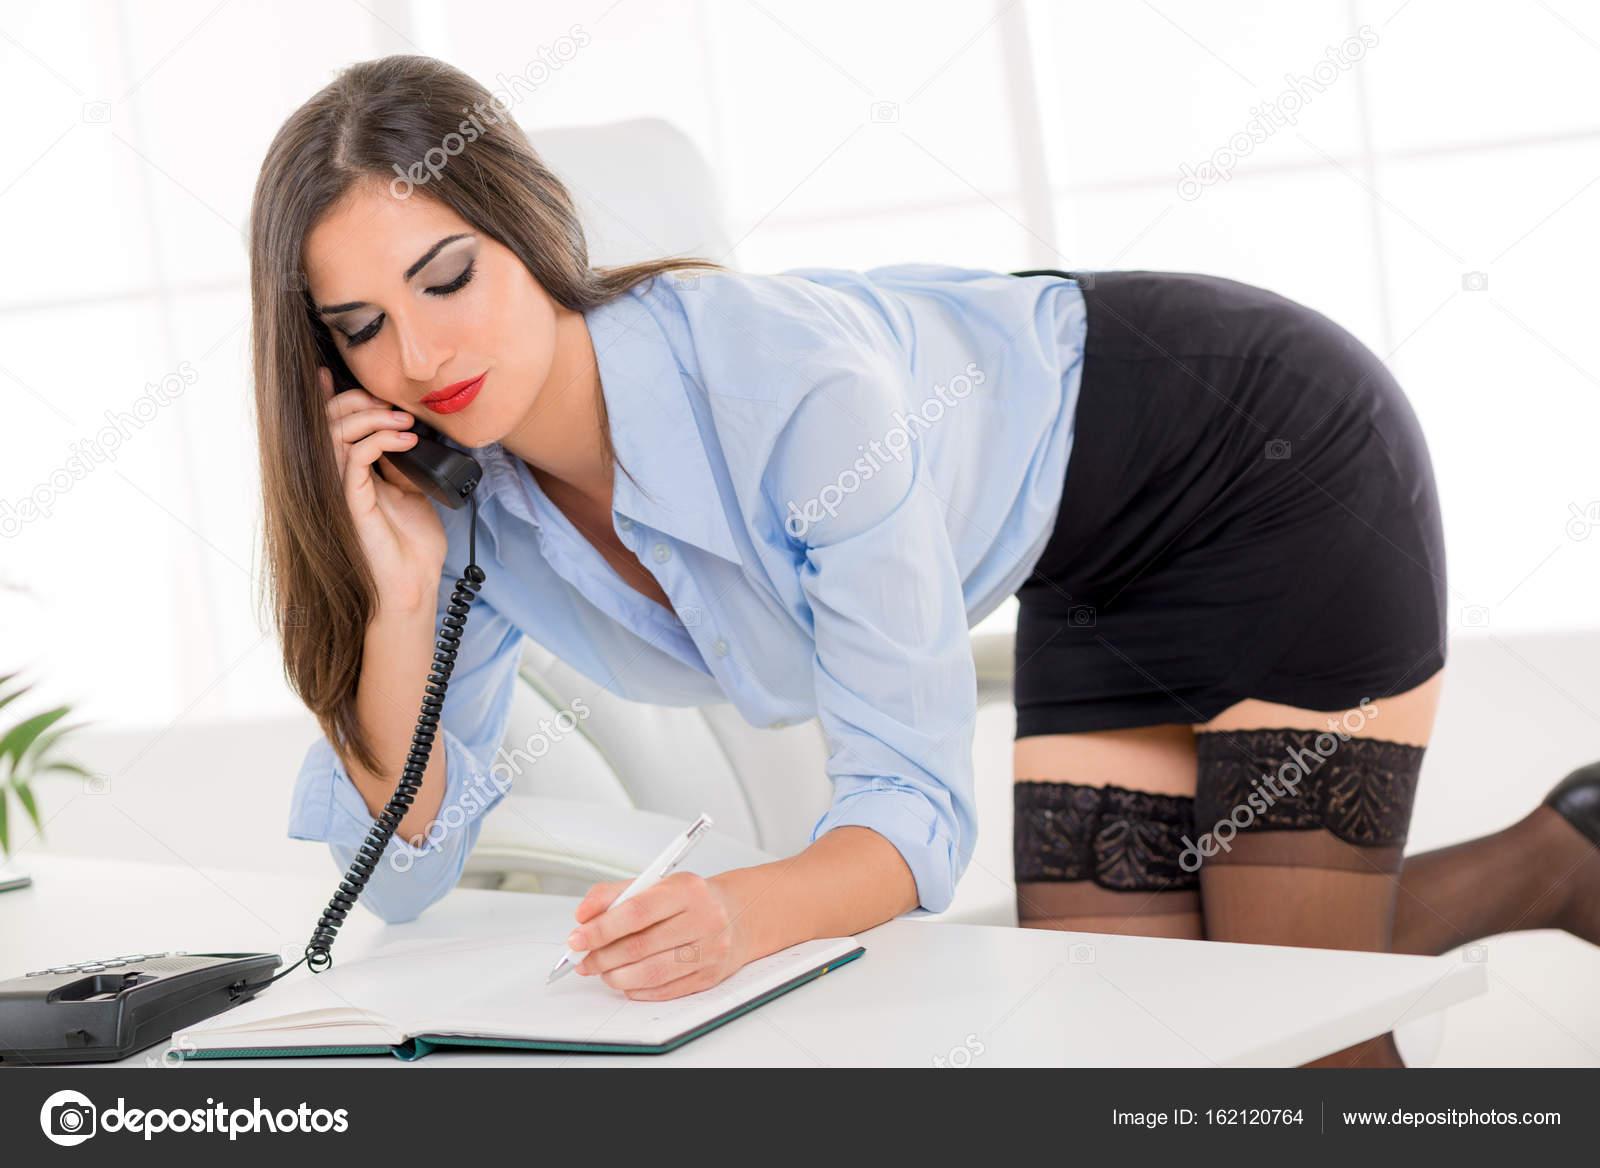 Русский секс в кабинете у босса, Секс с секретаршей, порно в офисе Босс и секретарша 22 фотография